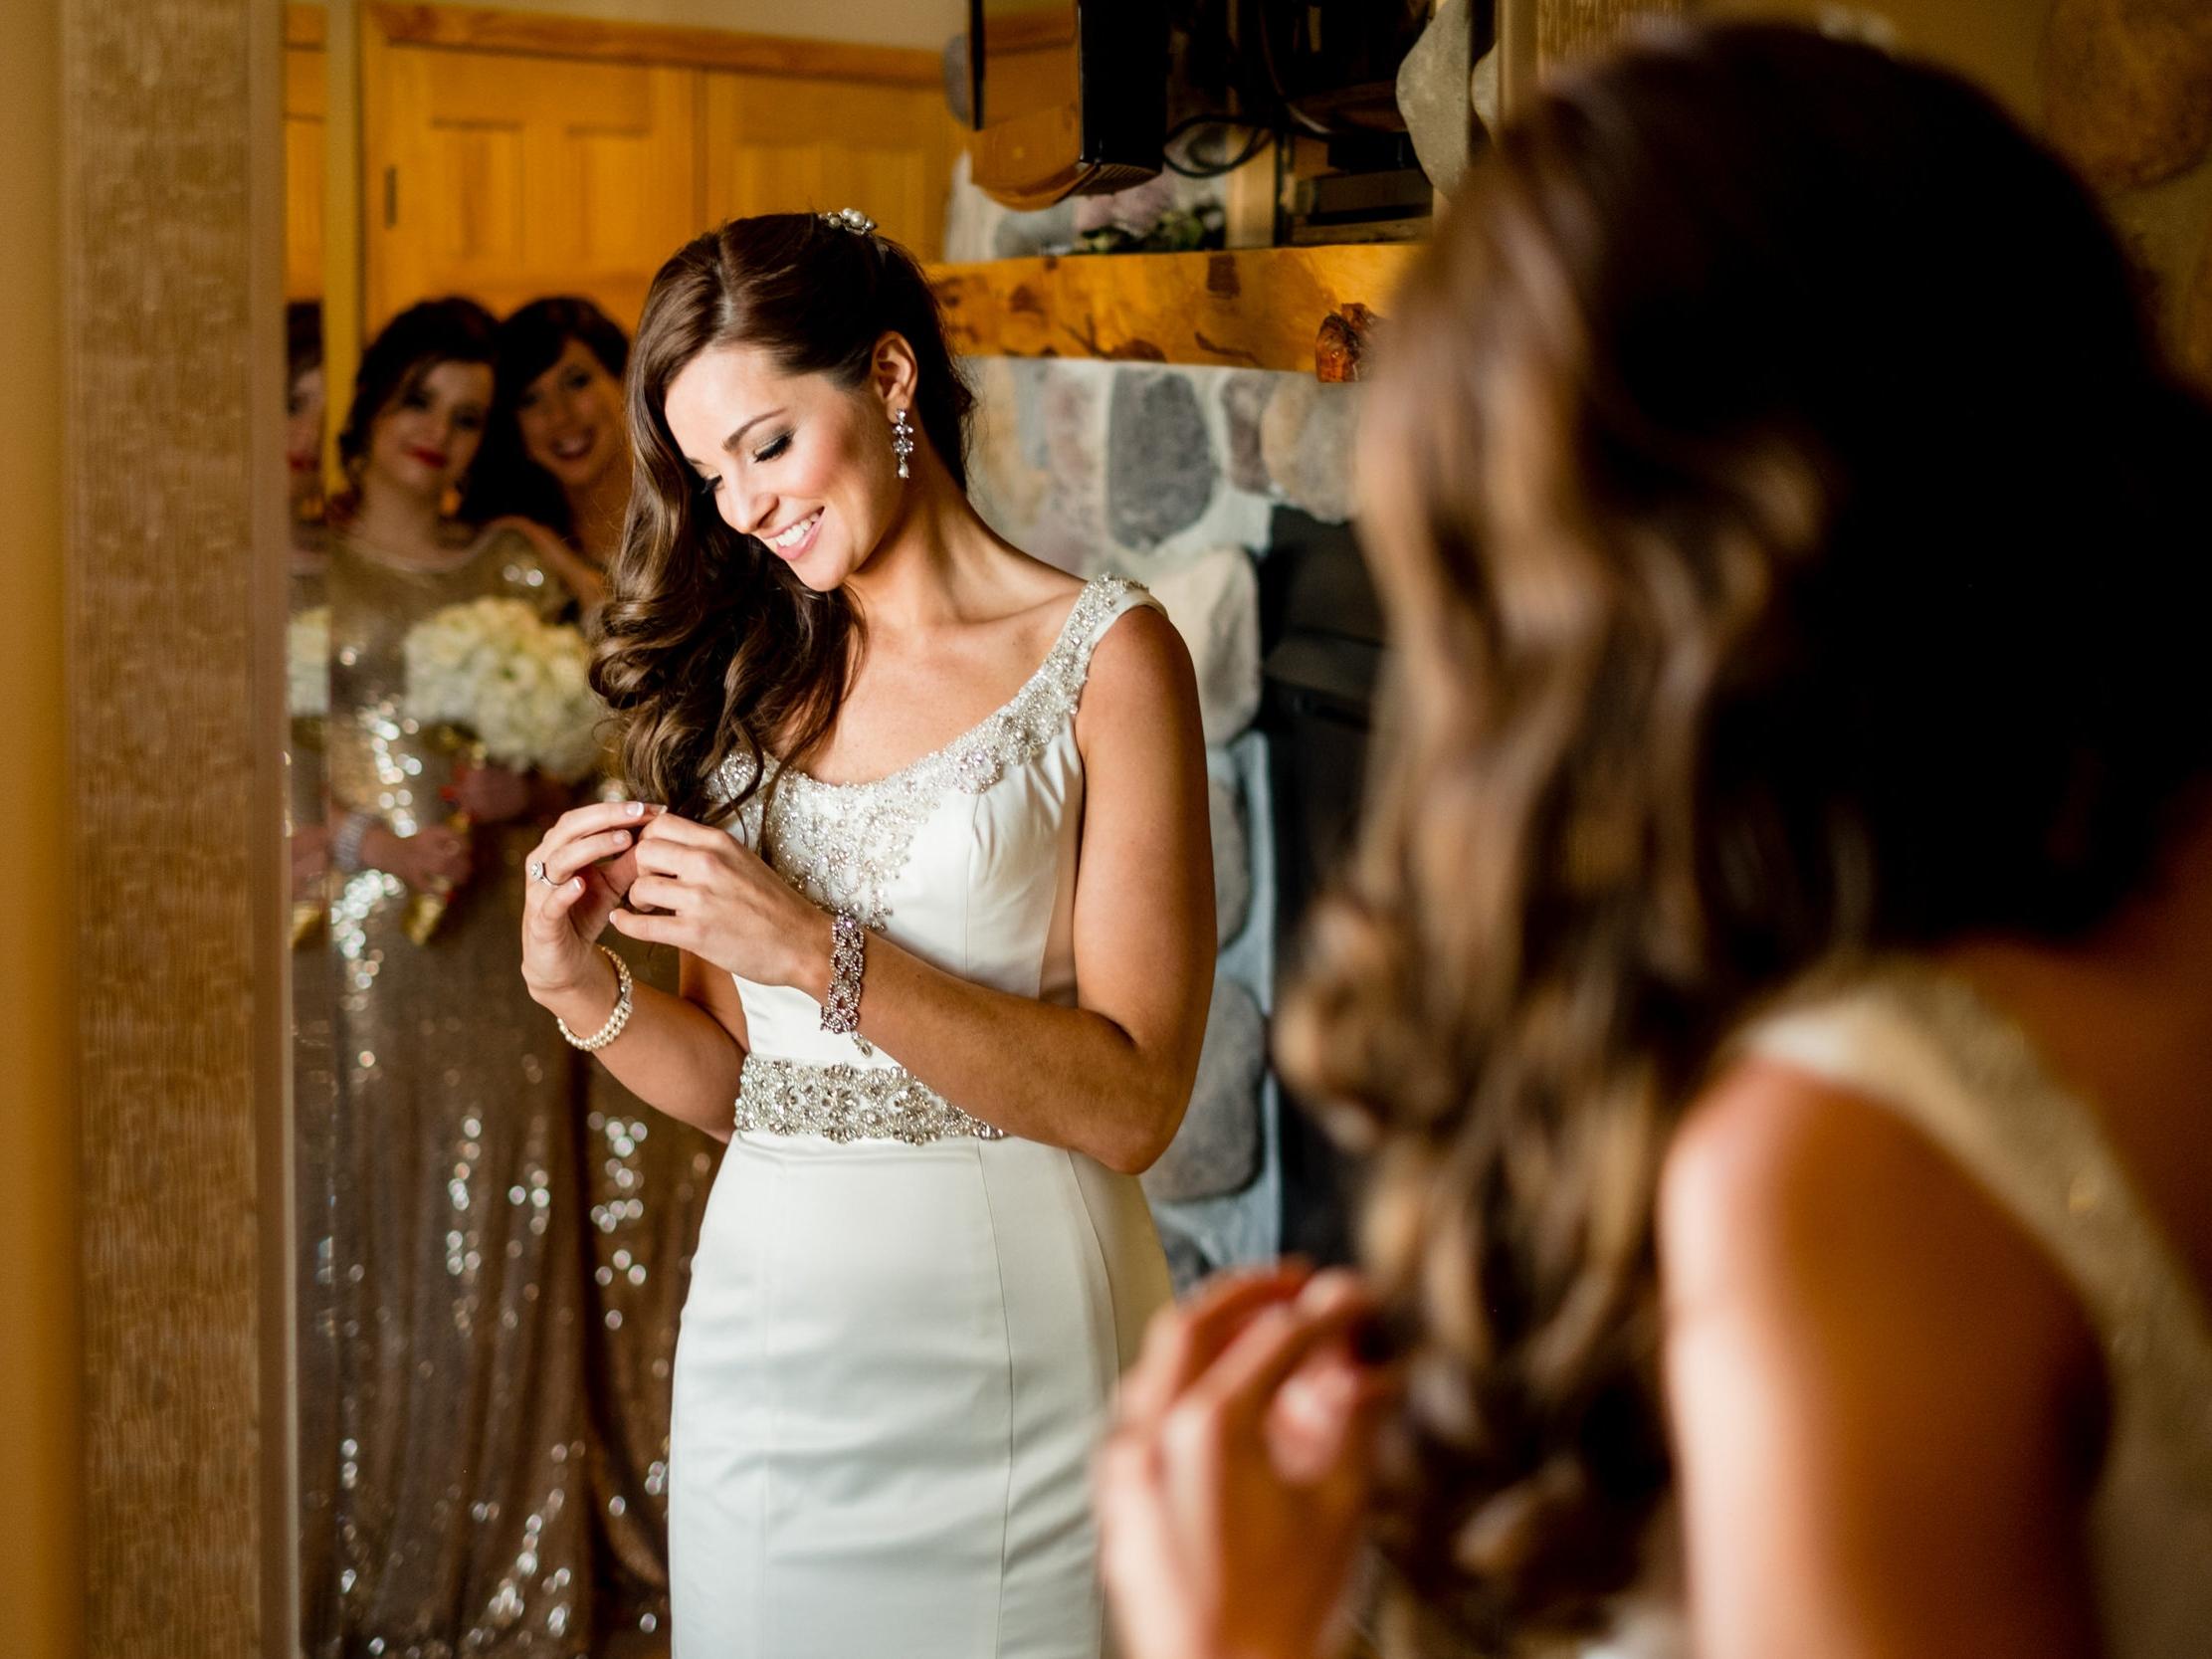 pine peaks event center wedding near brainerd, mn